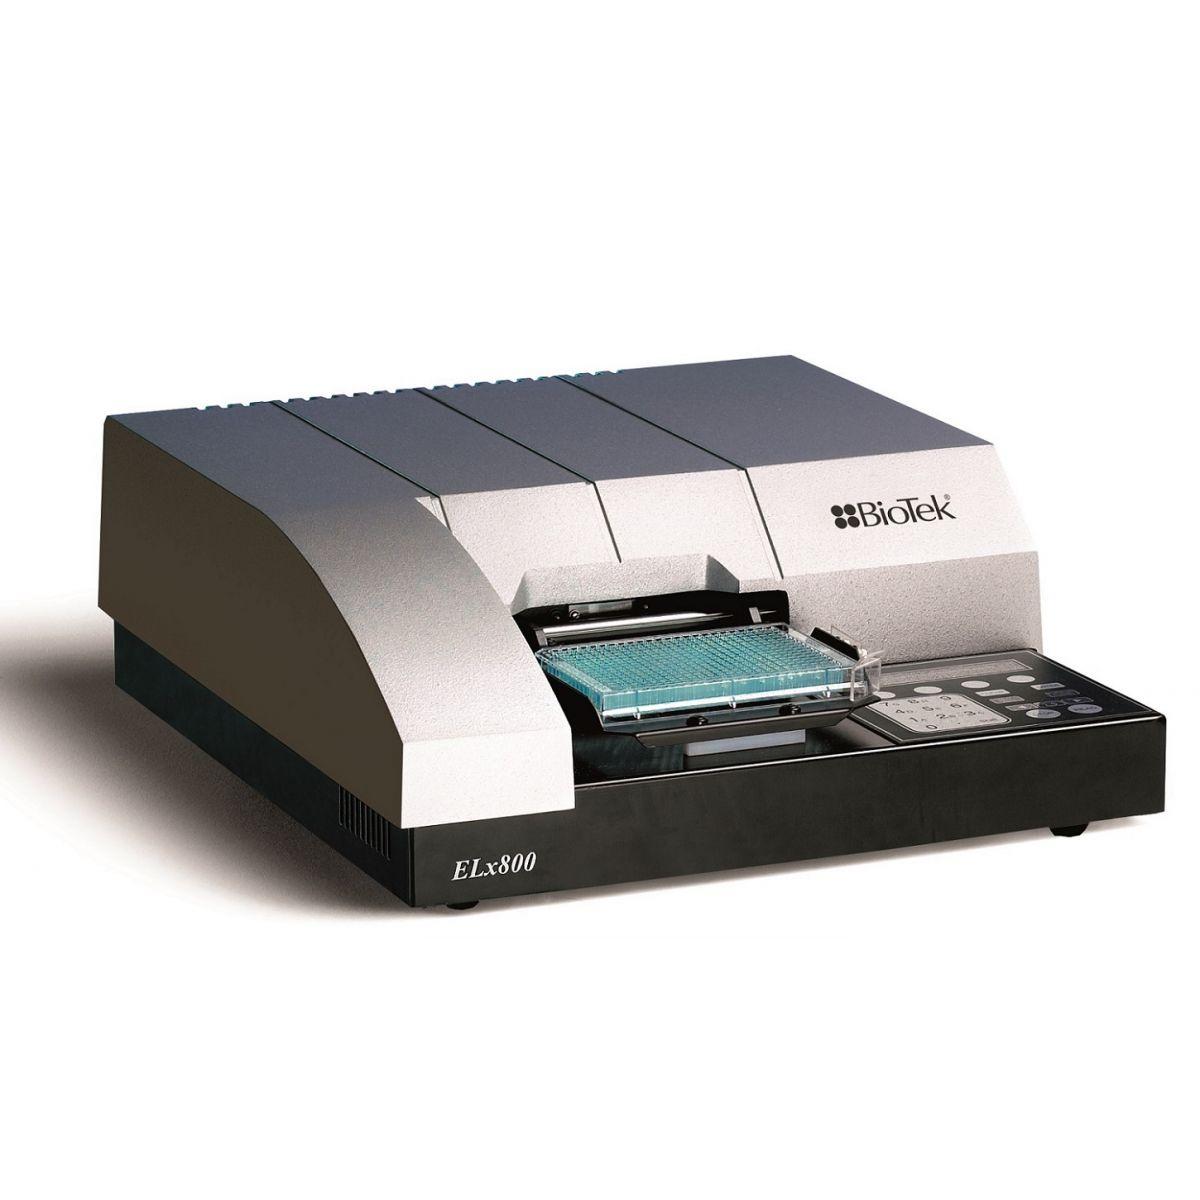 Leitora de absorbância para microplacas de 6 a 96 poços, com filtros para seleção de comprimento de onda. MODELO ELX 800